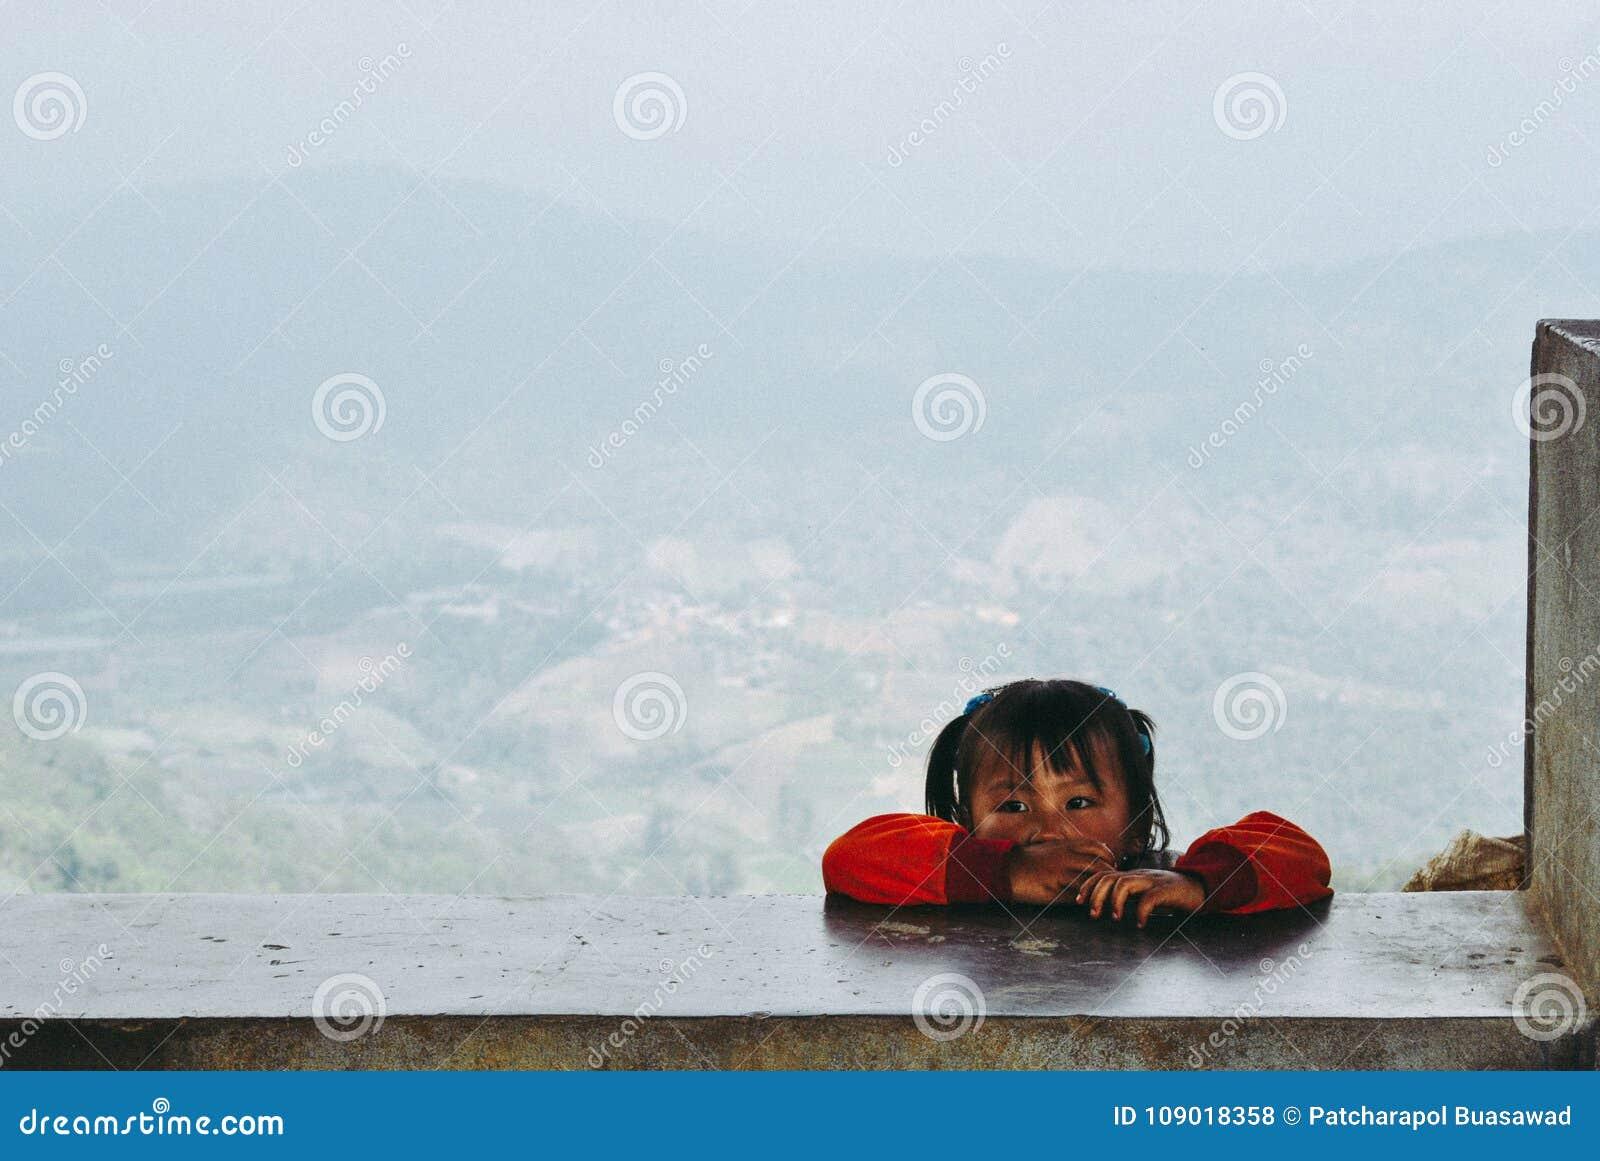 Una muchacha de la tribu de la colina que mira a su amigo mientras que están jugando o